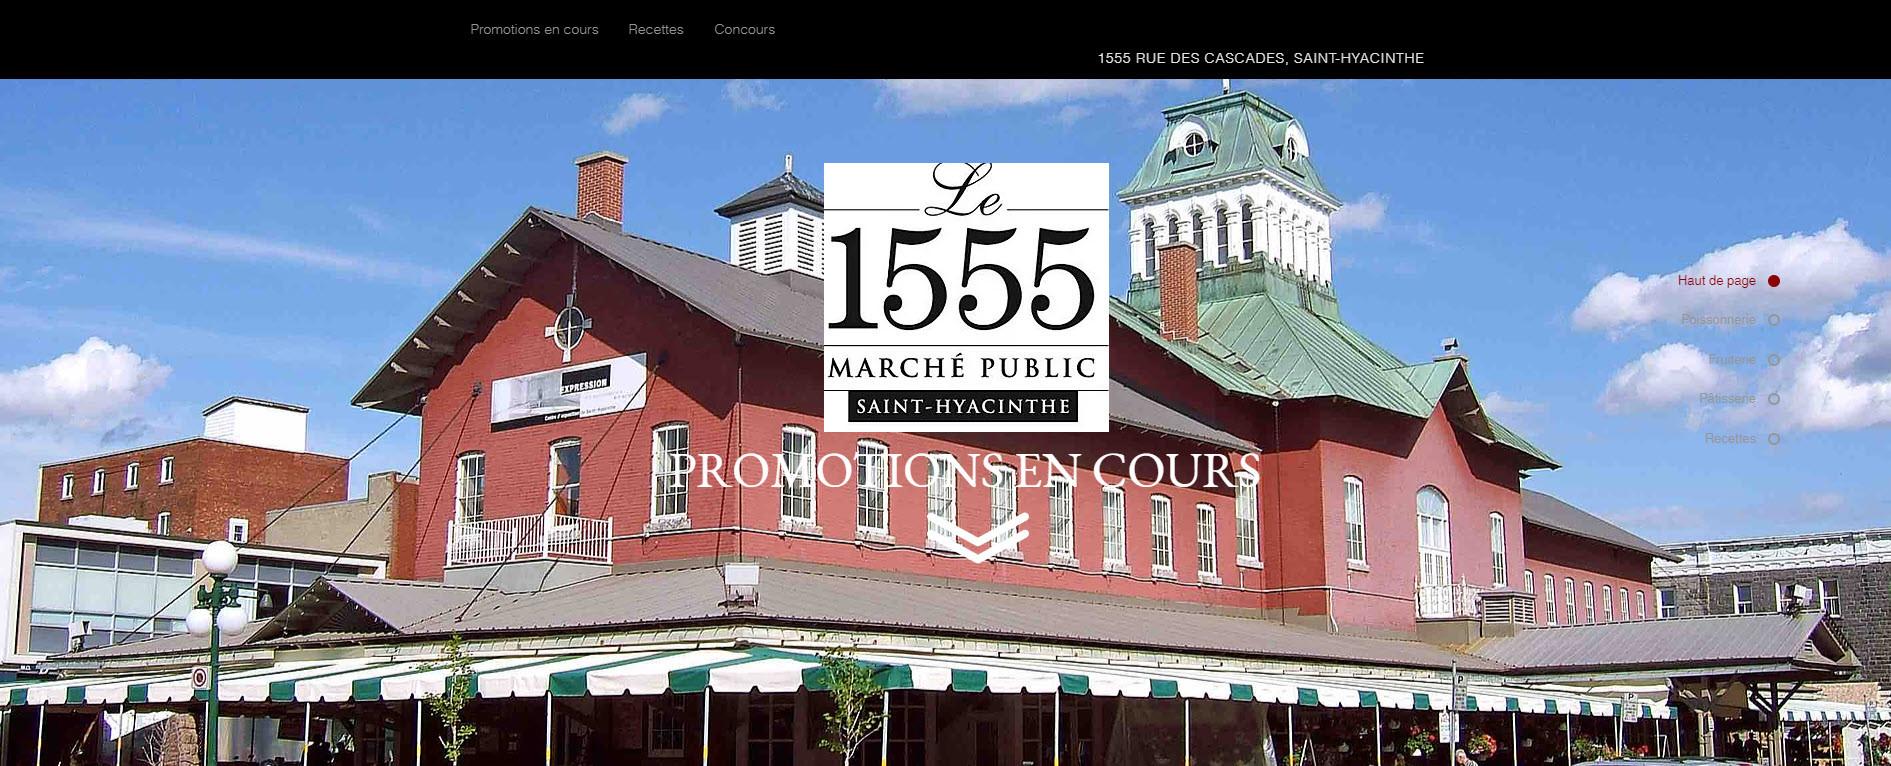 Landing 1555 Marché Public Saint-Hyacinthe